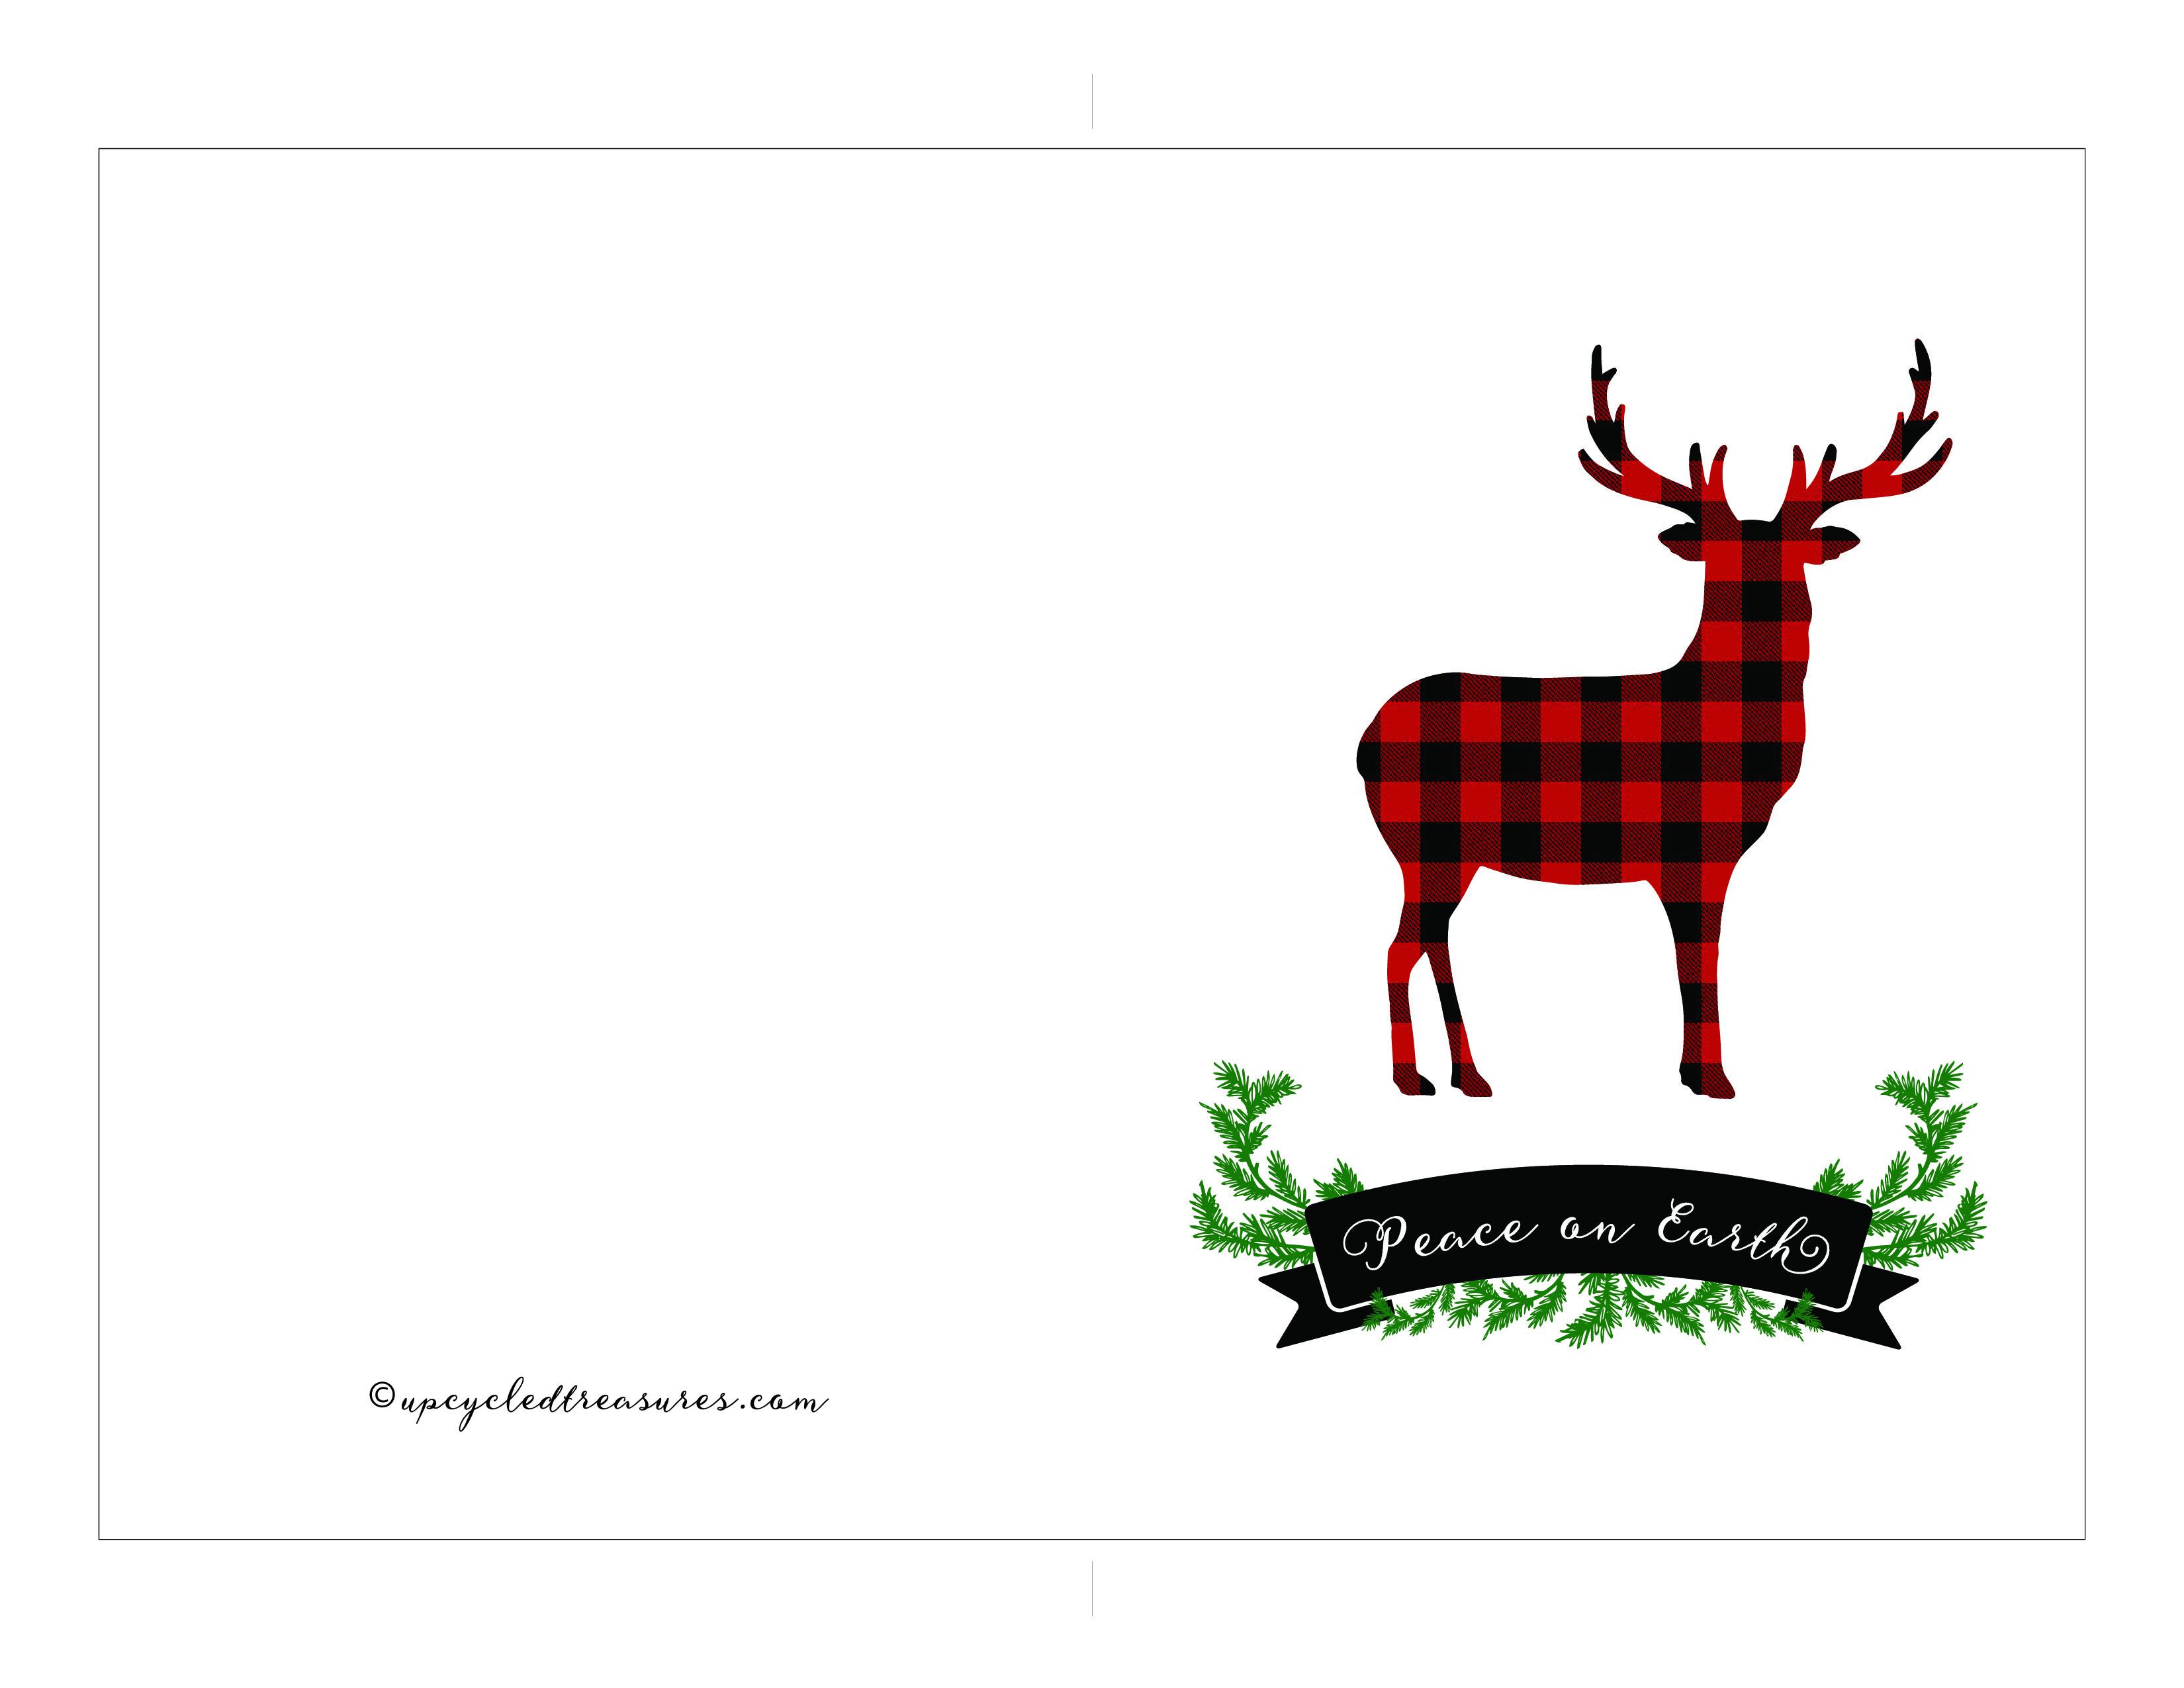 Free Printable Holiday Cards | Mountain Modern Life - Free Printable Photo Christmas Cards